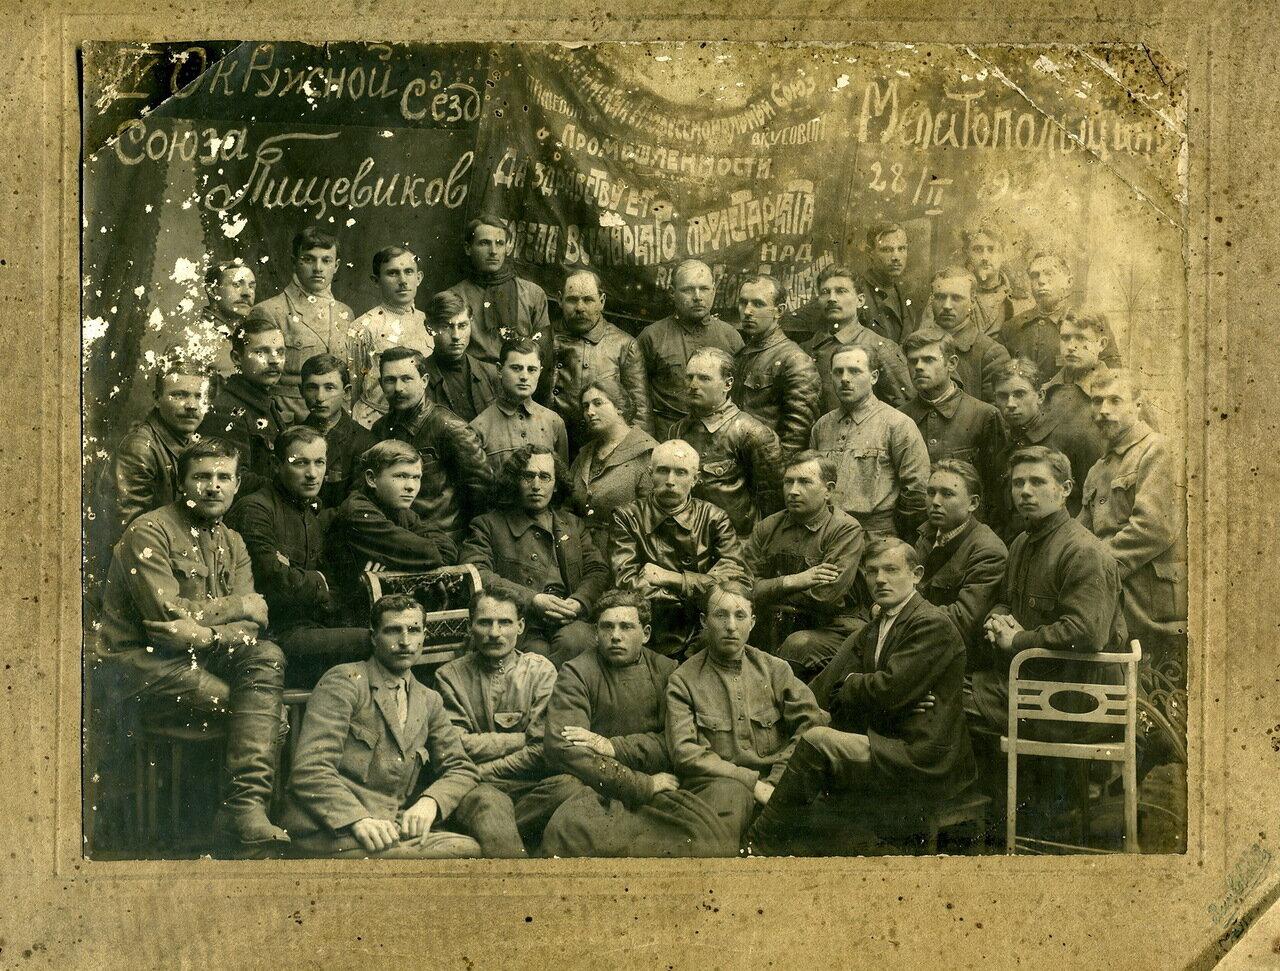 1924. 28 февраля. 4 Окружной съезд Мелитопольских Пищевиков